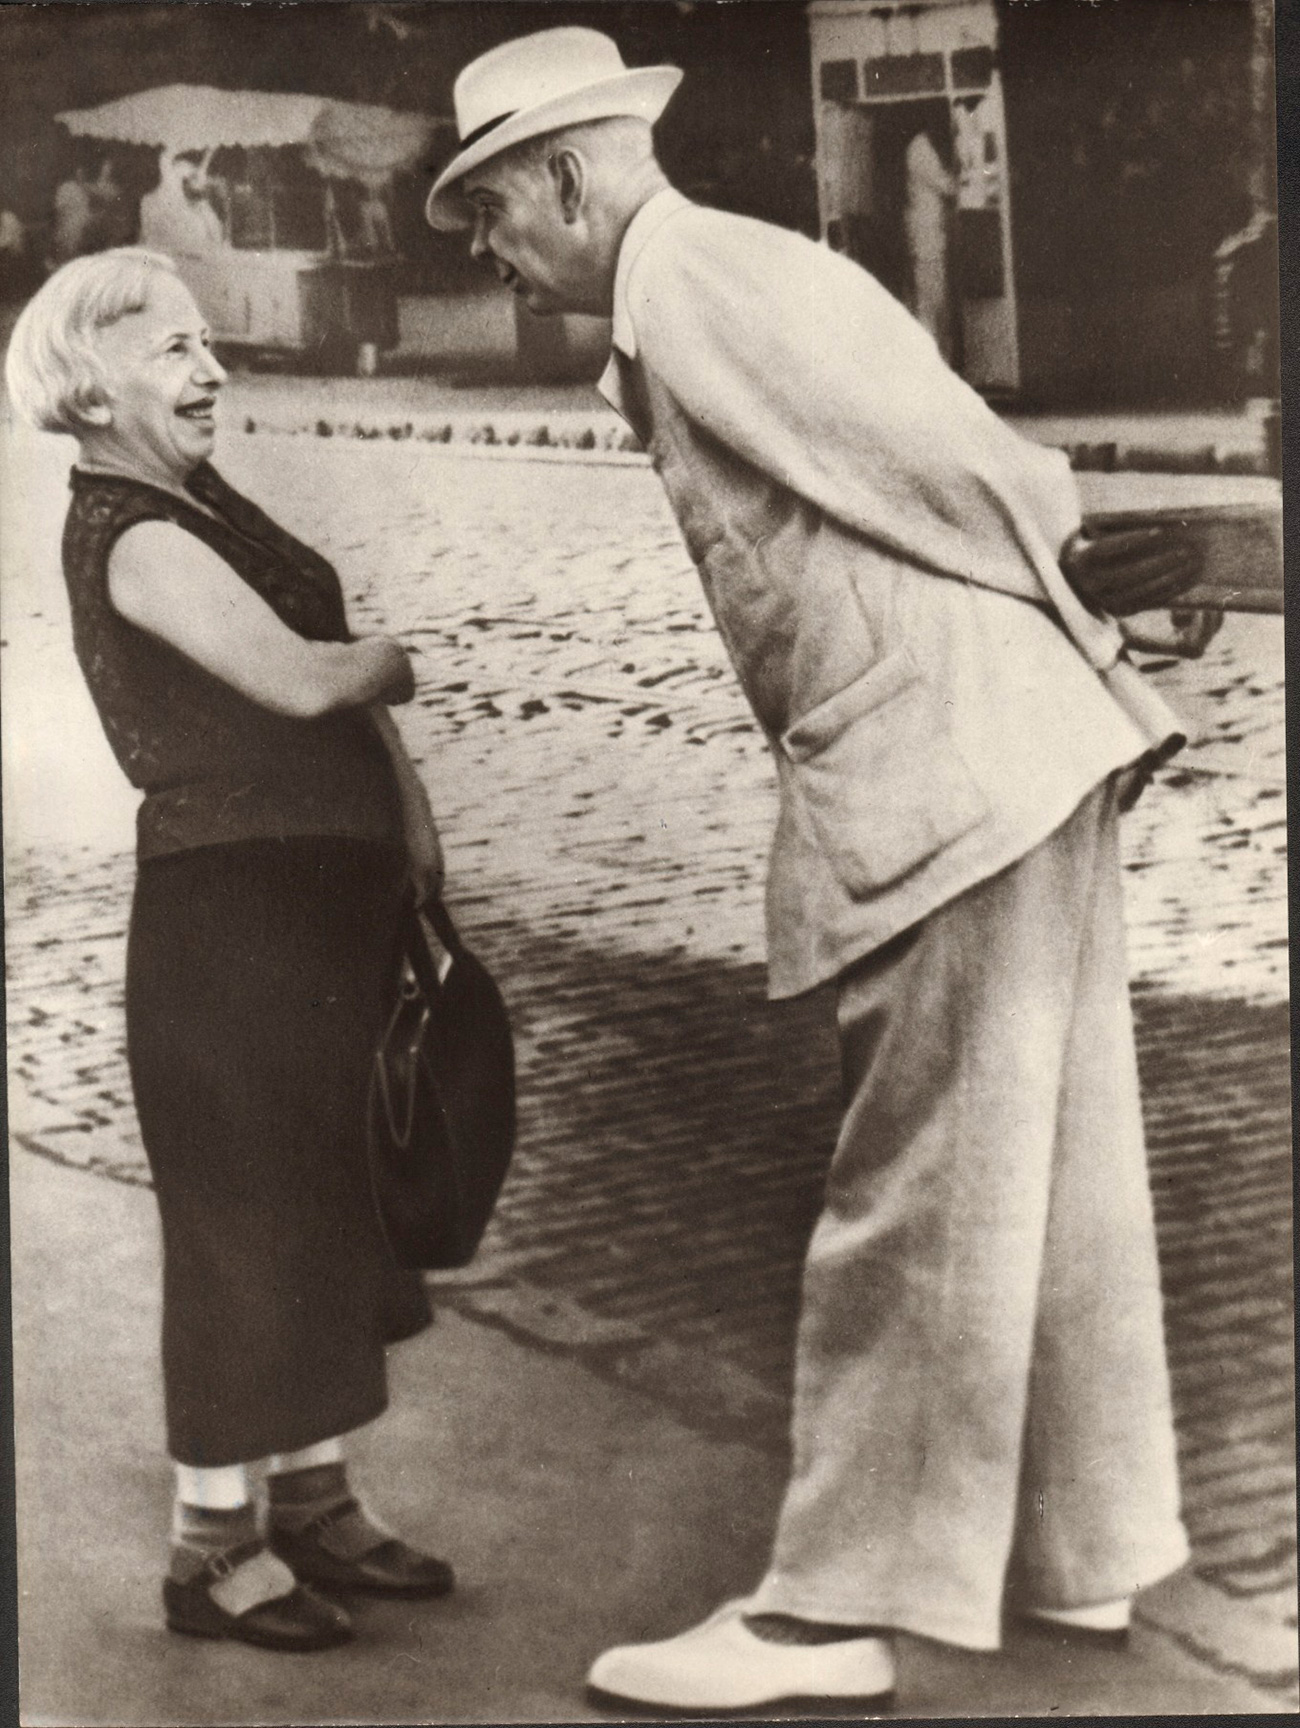 """""""Oggi queste fotografie sono diventate un prezioso riferimento per conoscere la rappresentazione di sé che dava l'Unione Sovietica, una società rapidamente scomparsa con il dissolversi dell'Urss e che, proprio a seguito degli avvenimenti del 1991-1992 e dei successivi anni fino al 2000 circa, ha rapidamente rimosso il suo recente passato, specialmente nello stile di vita, nei ricordi personali tramandati alle nuove generazioni, disperdendo molte delle fonti documentarie che potevano aiutarla a ricordare, come i servizi fotografici ora conservati in questo Fondo"""", ha spiegato in un comunicato Giovanna Bertelli nel dicembre scorso"""